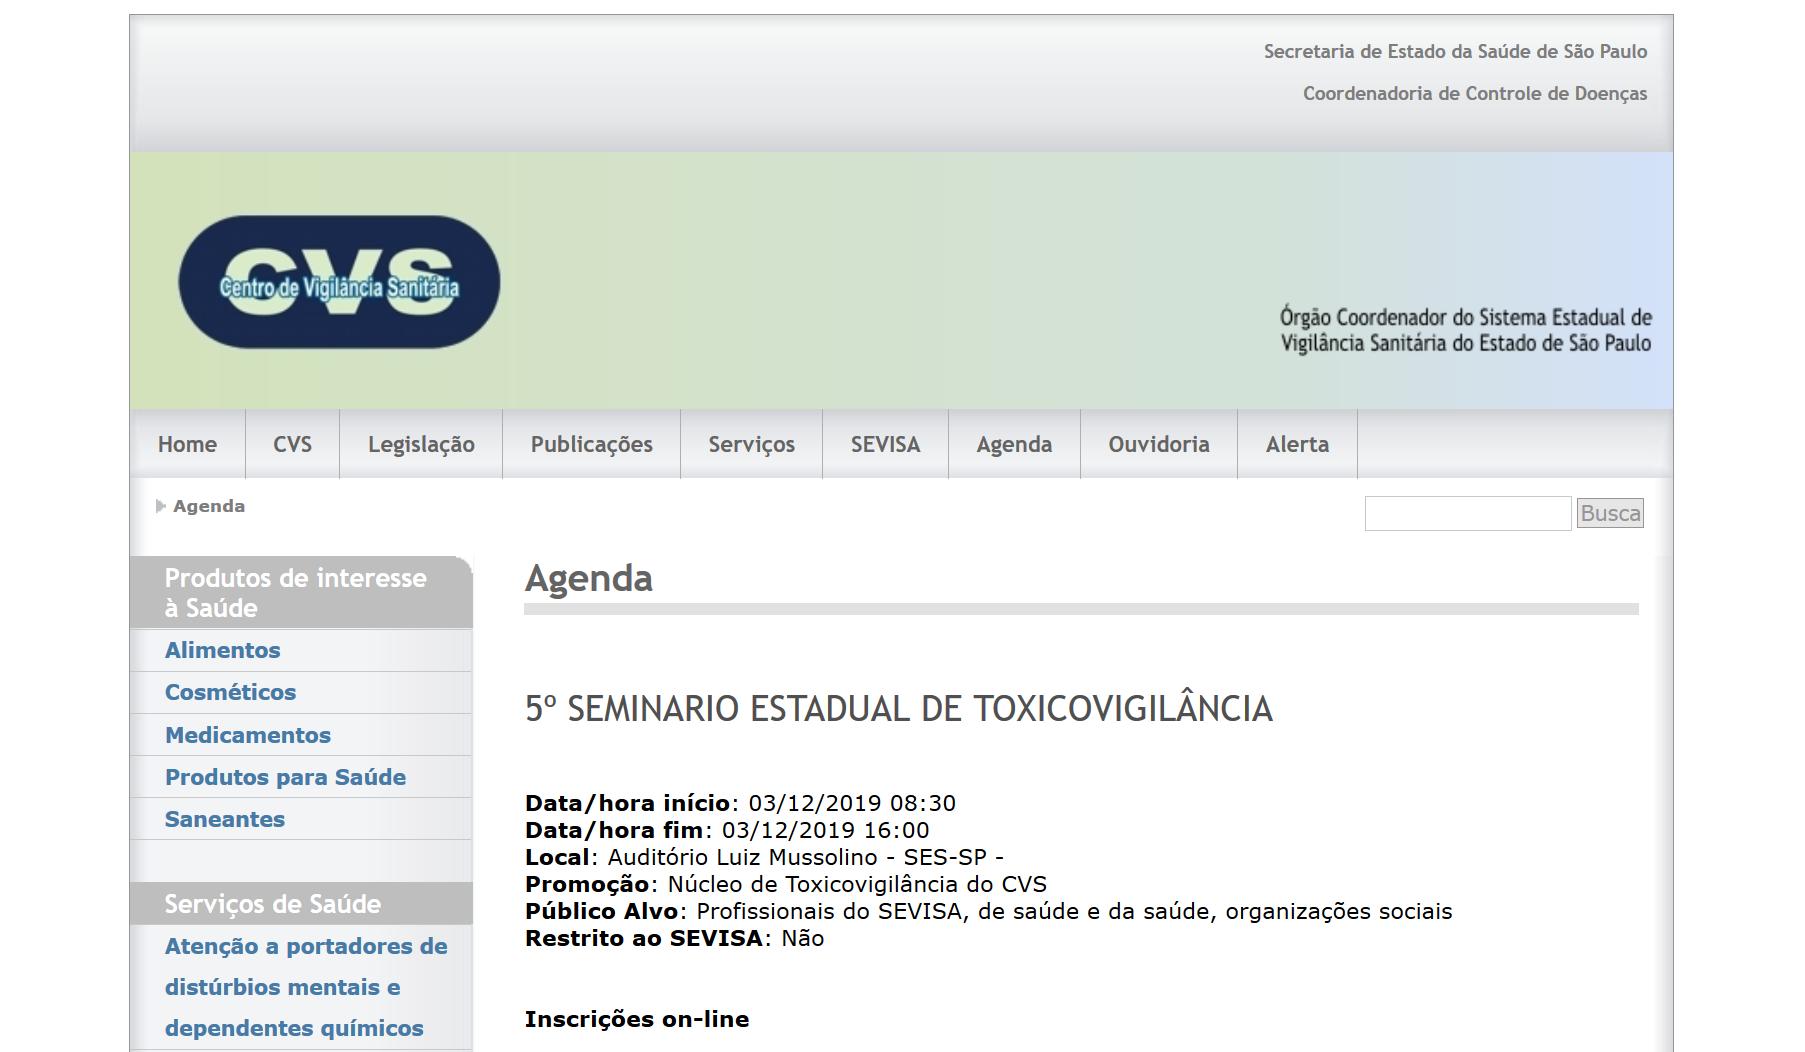 Screenshot_2019-11-21 Centro de Vigilância Sanitária